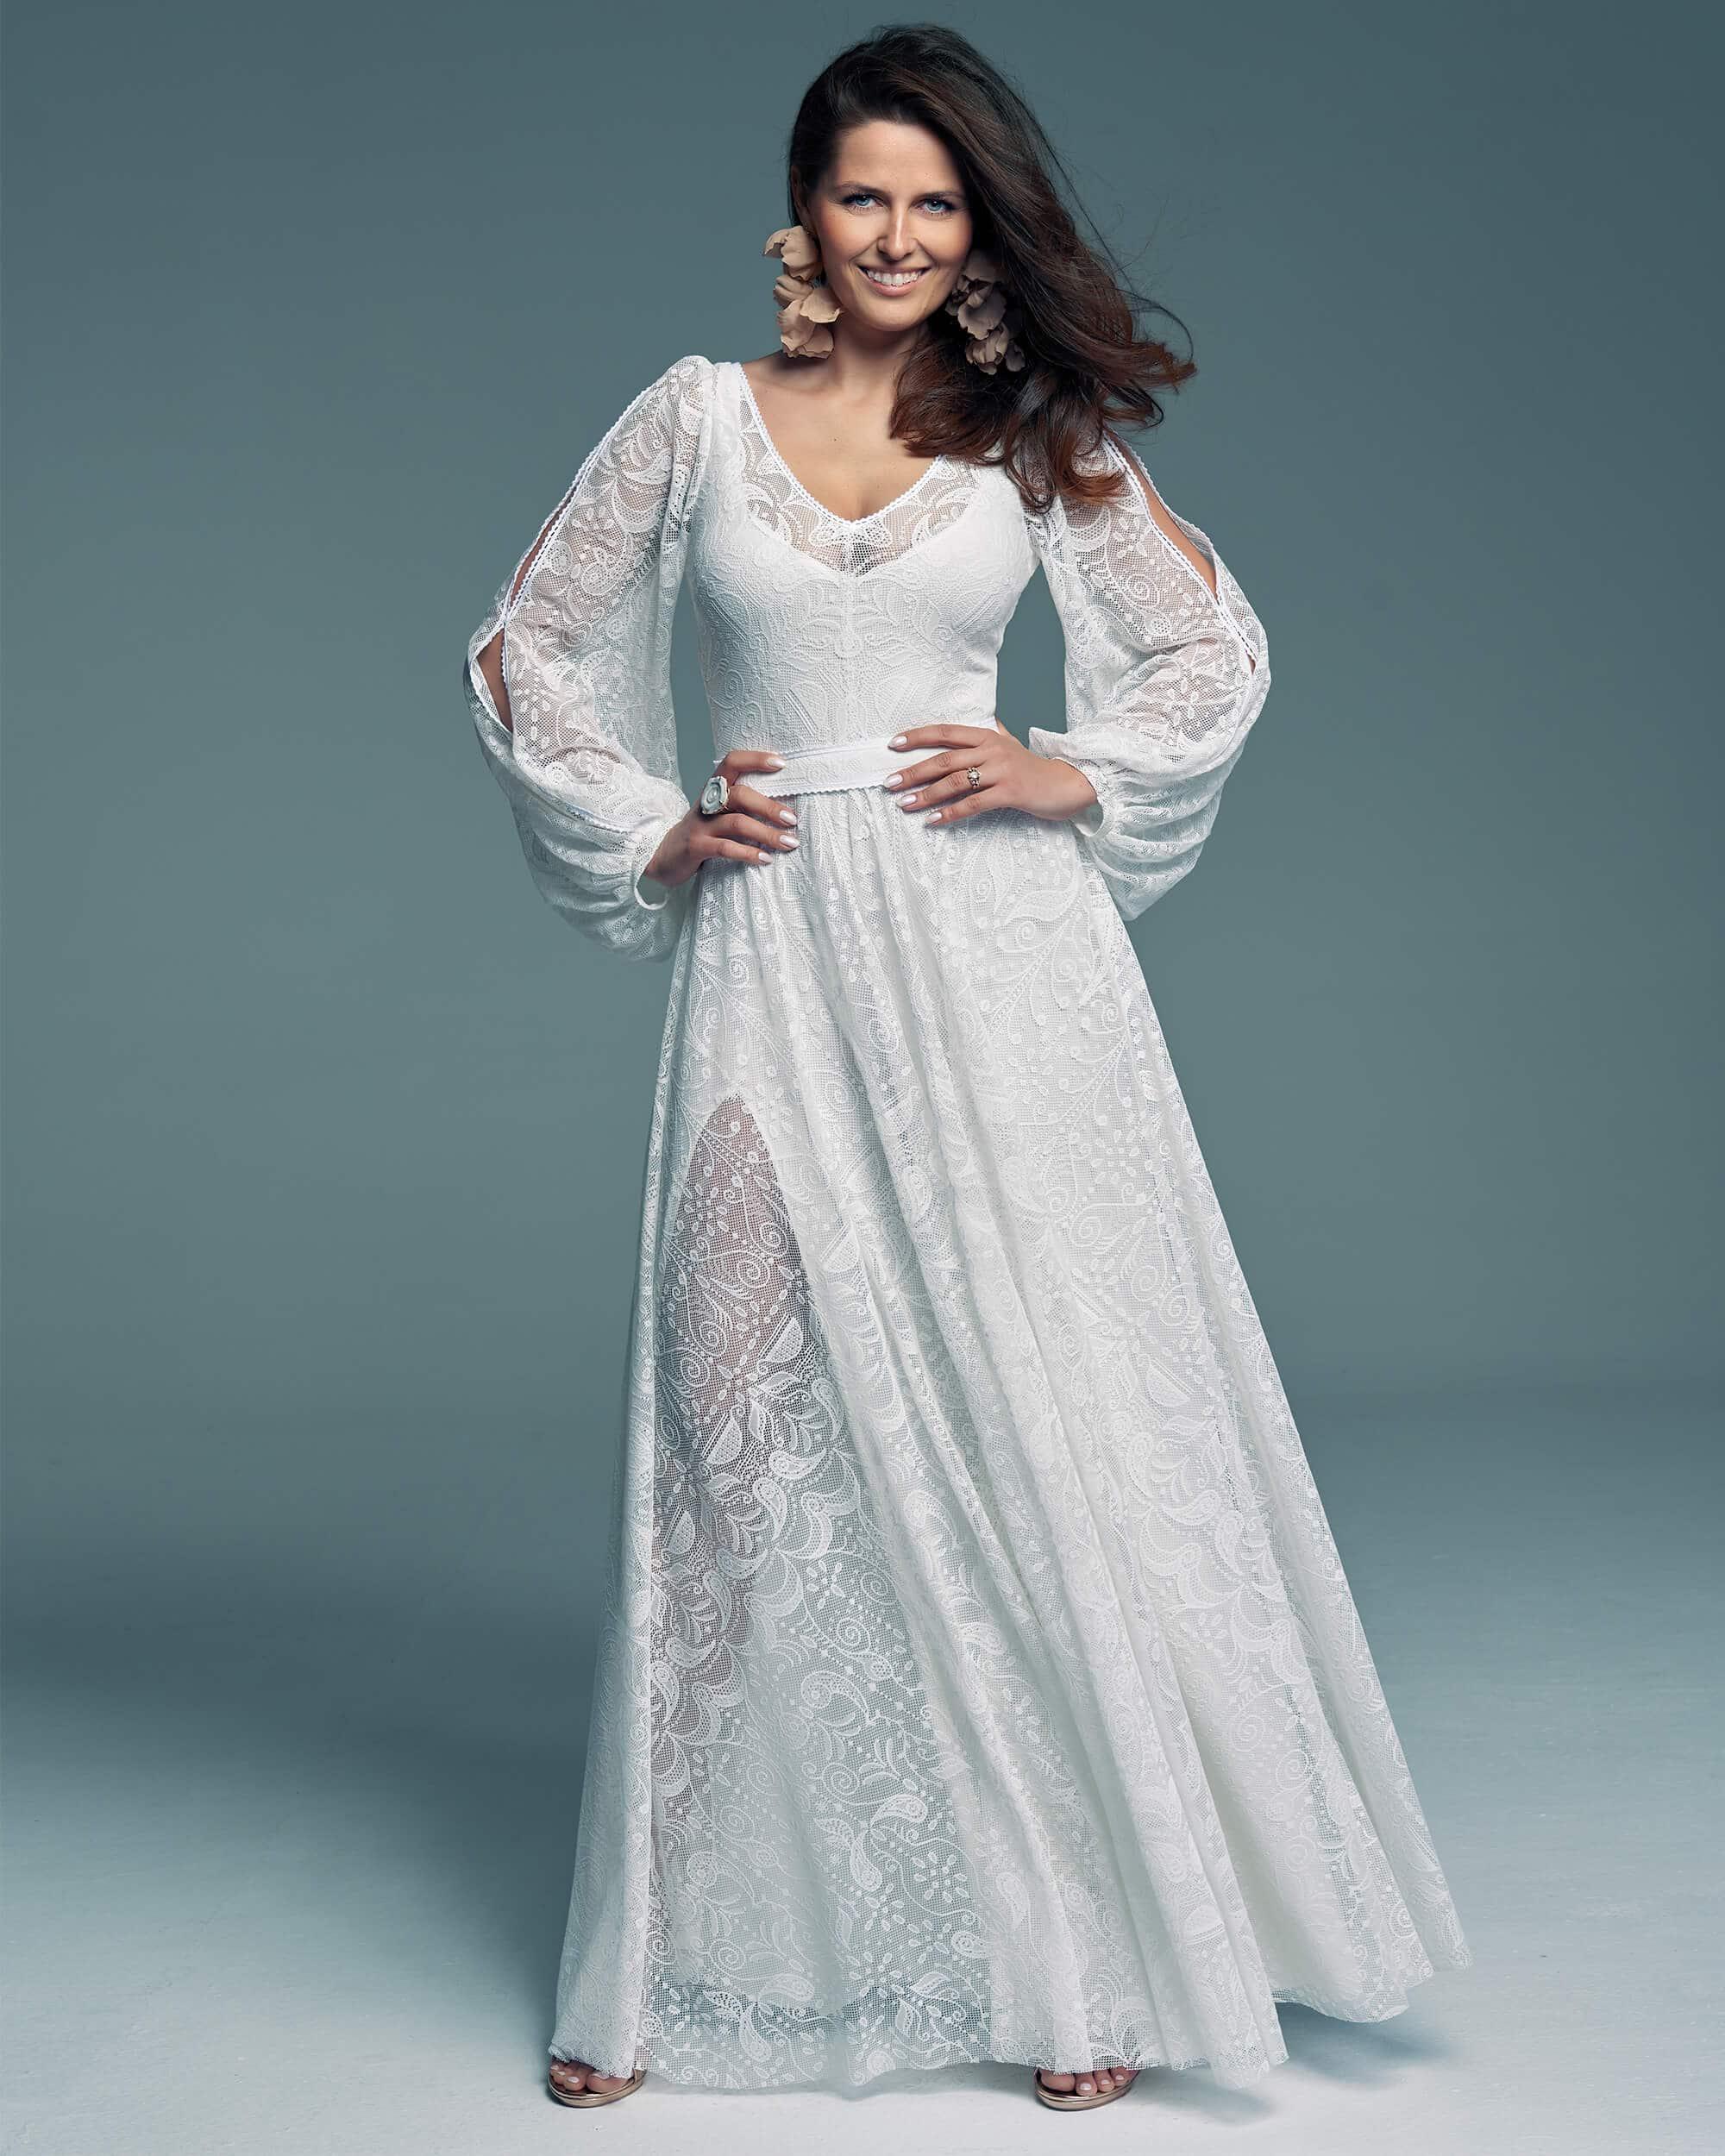 Suknia śłuBiała suknia ślubna w klasycznym kolorze o modnym kroju